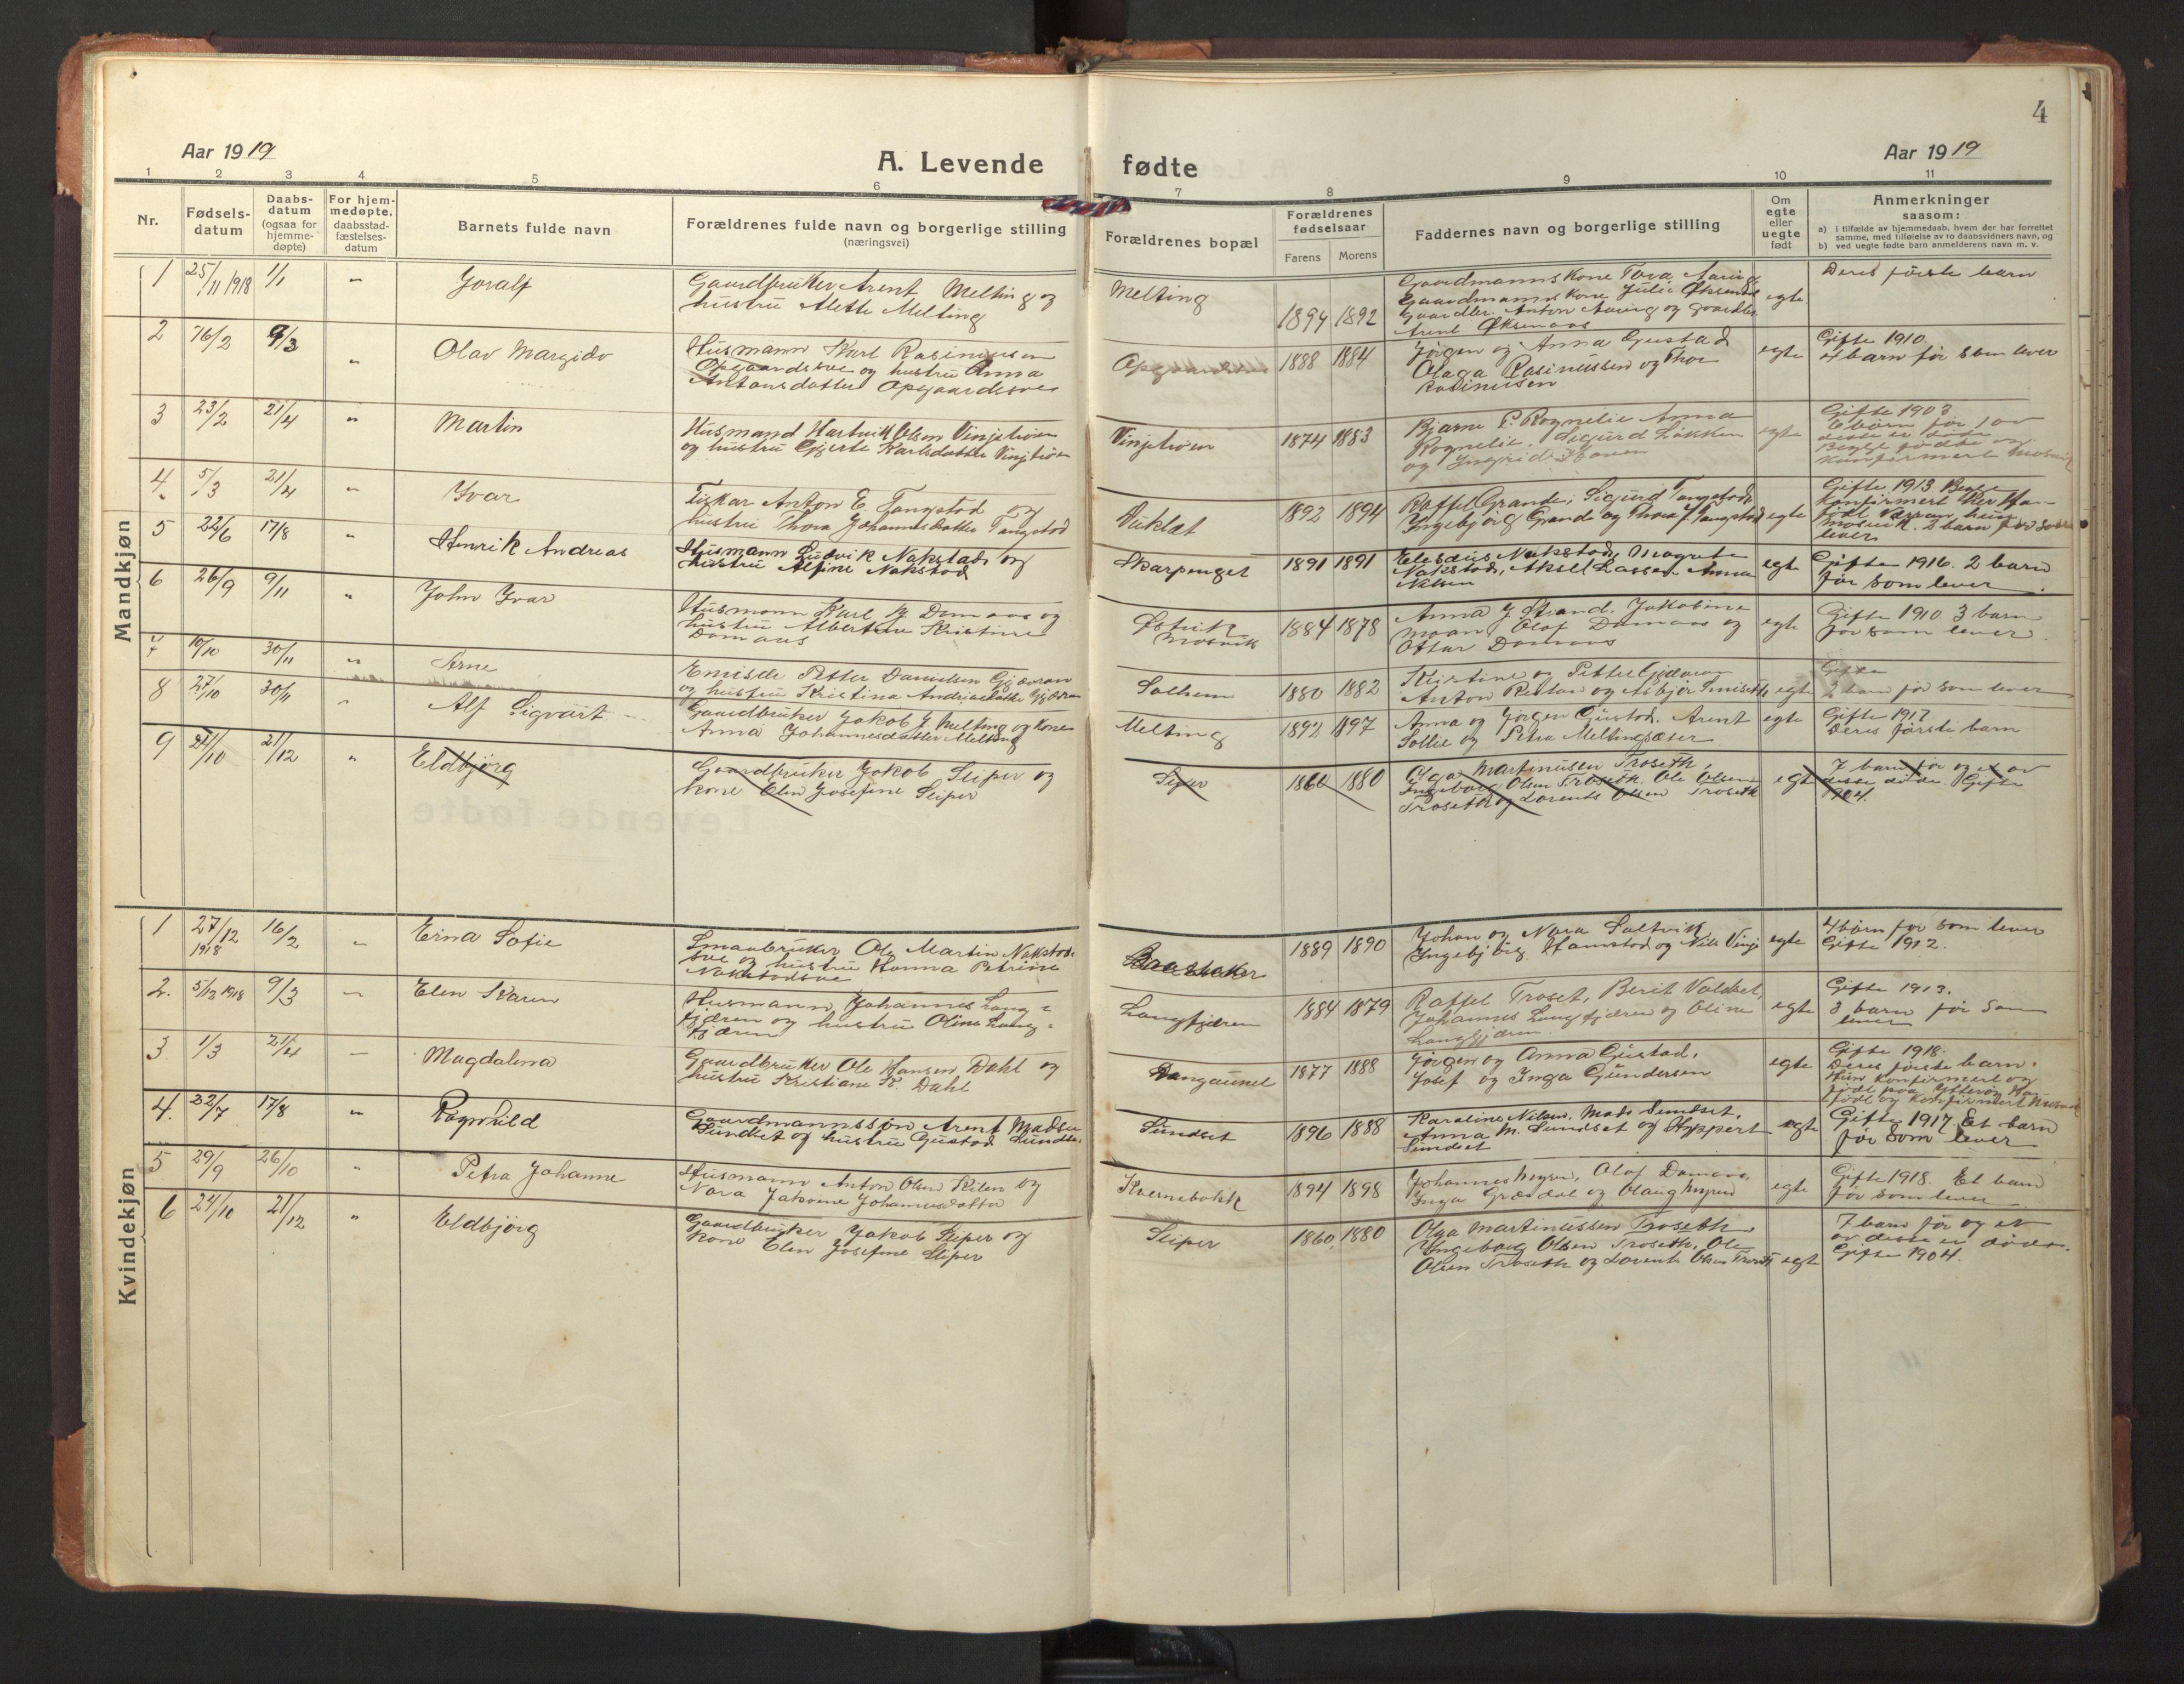 SAT, Ministerialprotokoller, klokkerbøker og fødselsregistre - Nord-Trøndelag, 733/L0328: Klokkerbok nr. 733C03, 1919-1966, s. 4